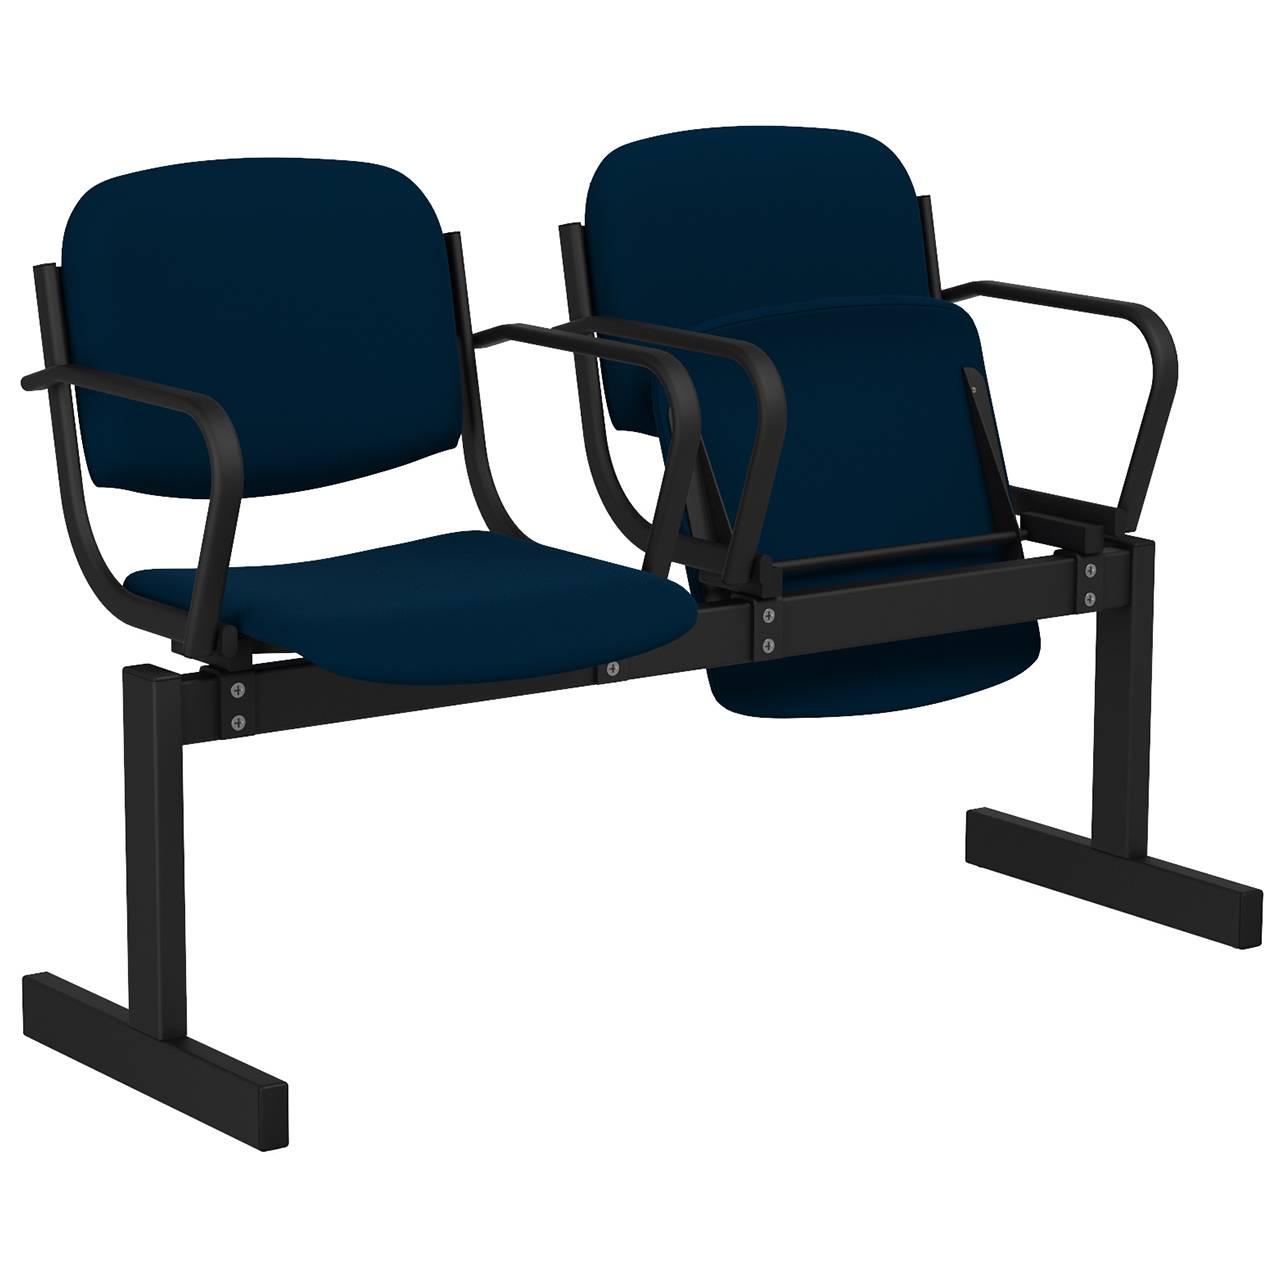 2-местный, откидывающиеся сиденья, мягкий, подлокотники черный синий Флок